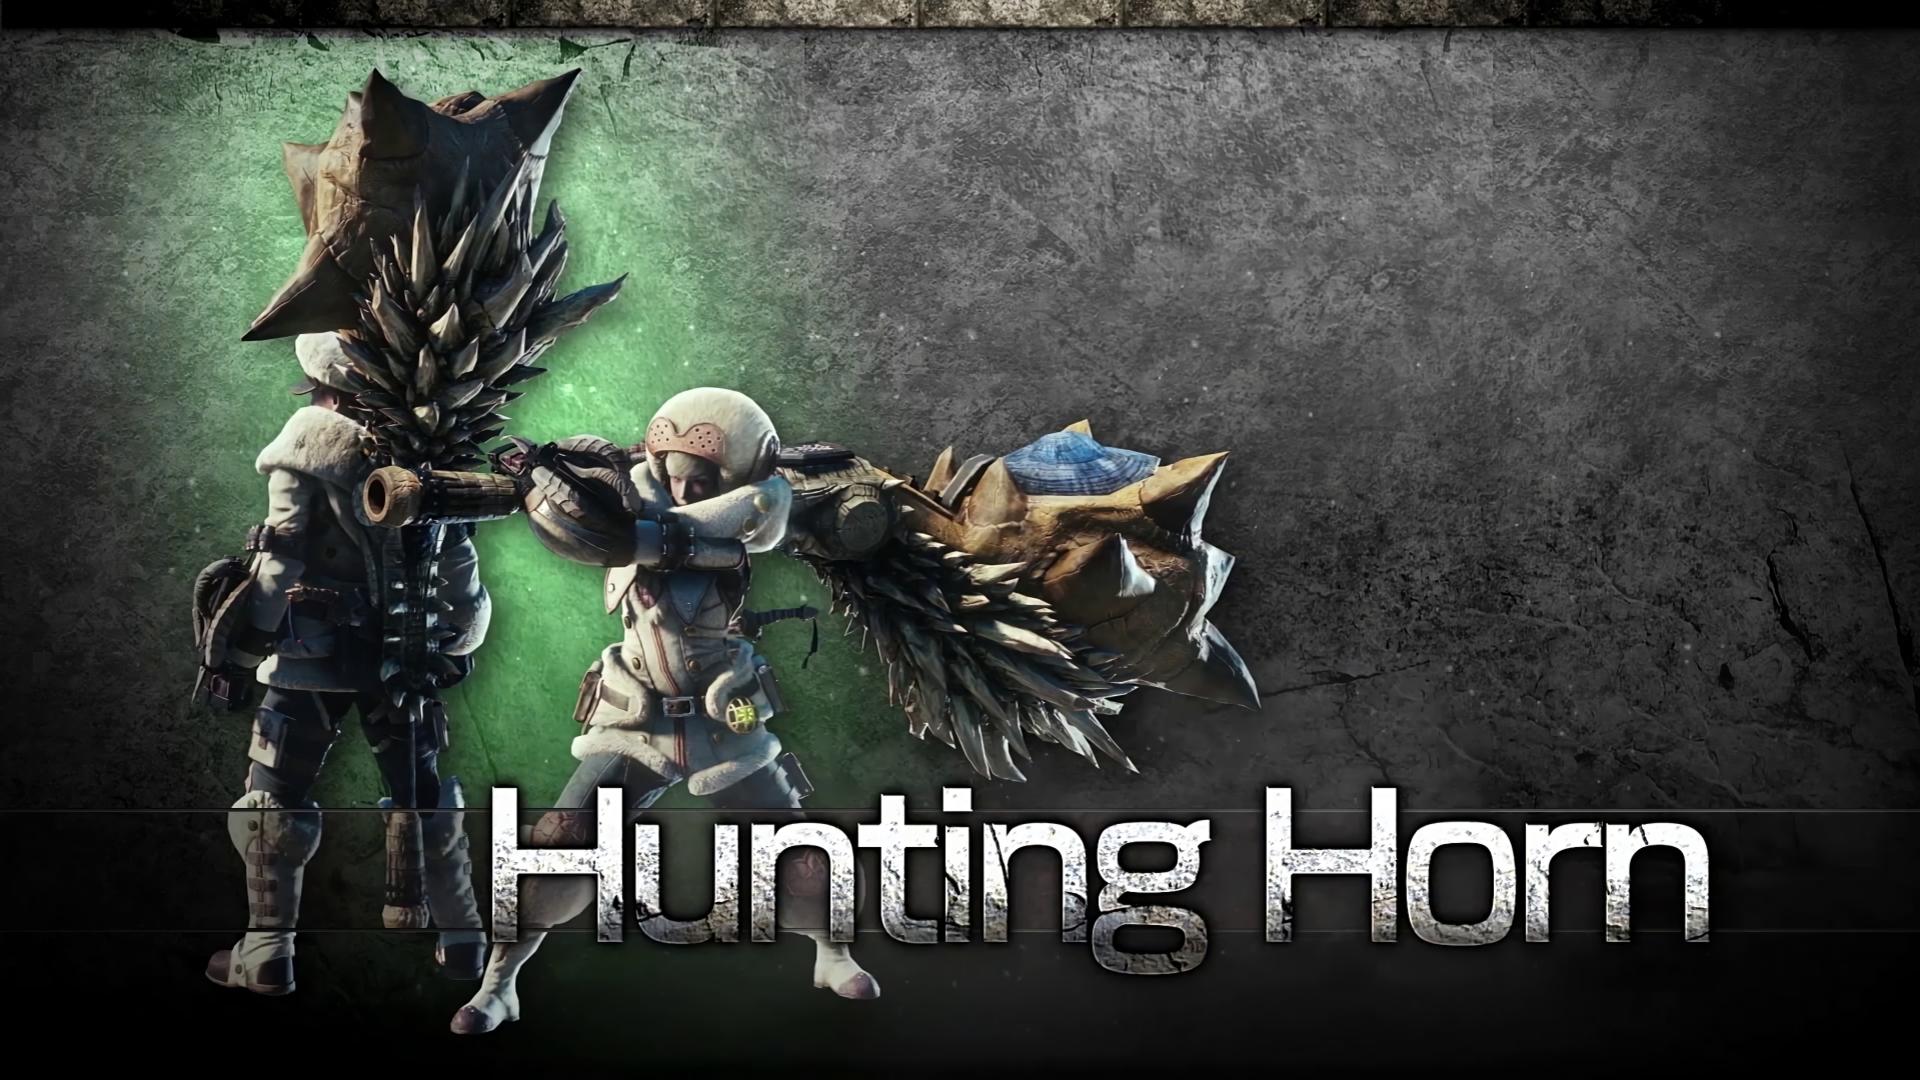 Monster Hunter World Hunting Horn 1920x1080 Wallpaper Teahub Io